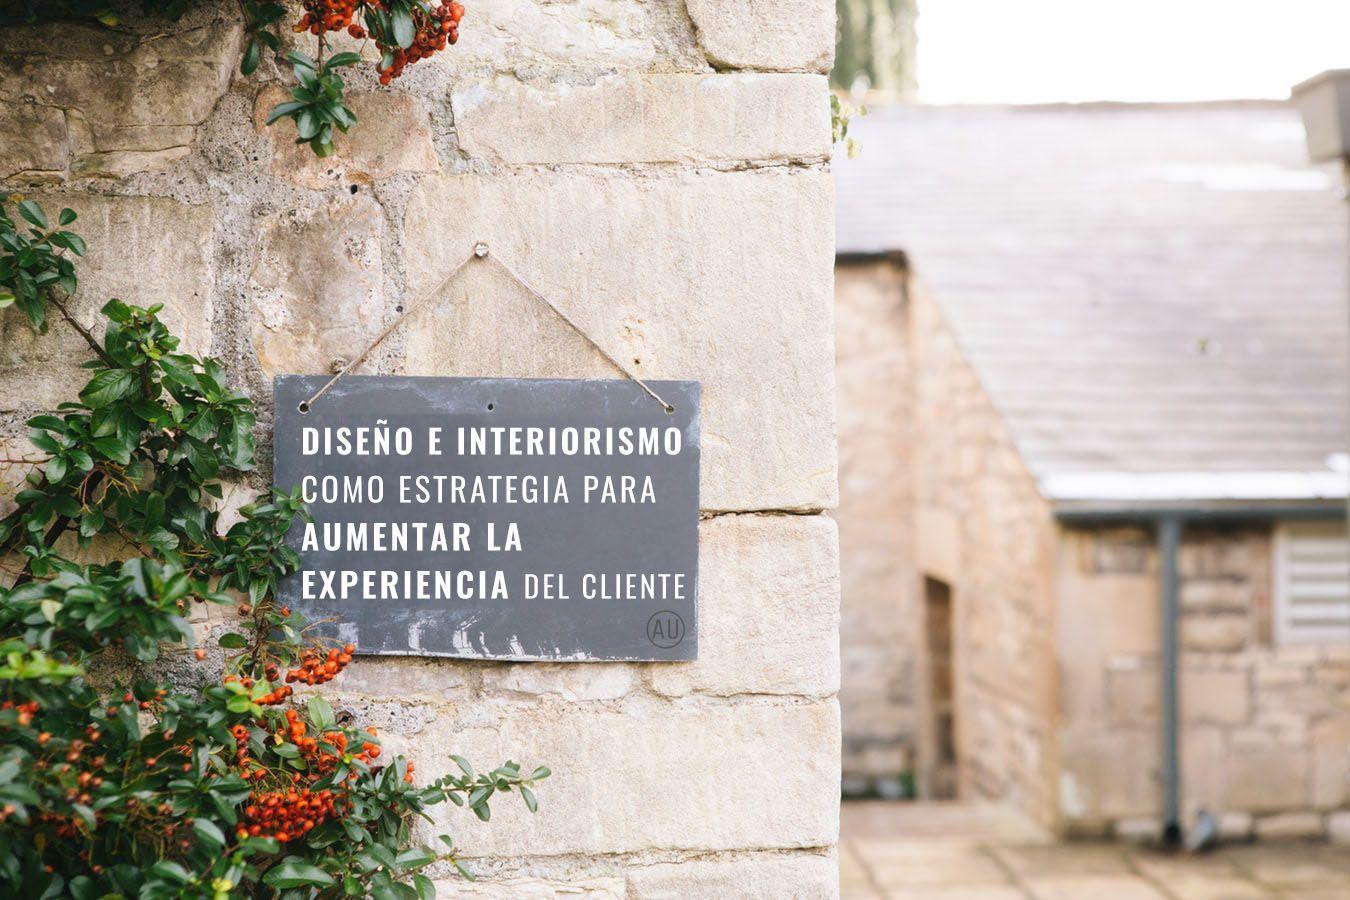 Diseño e interiorismo en alojamientos turísticos rurales para mejorar y completar la experiencia del cliente, consejos para aumentar el número de reservas a través de incluir un buen diseño e interiorismo según el estilo de vida de tus huéspedes #TurismoRural #SlowLife #SlowinteriorDesign @Utrillanais